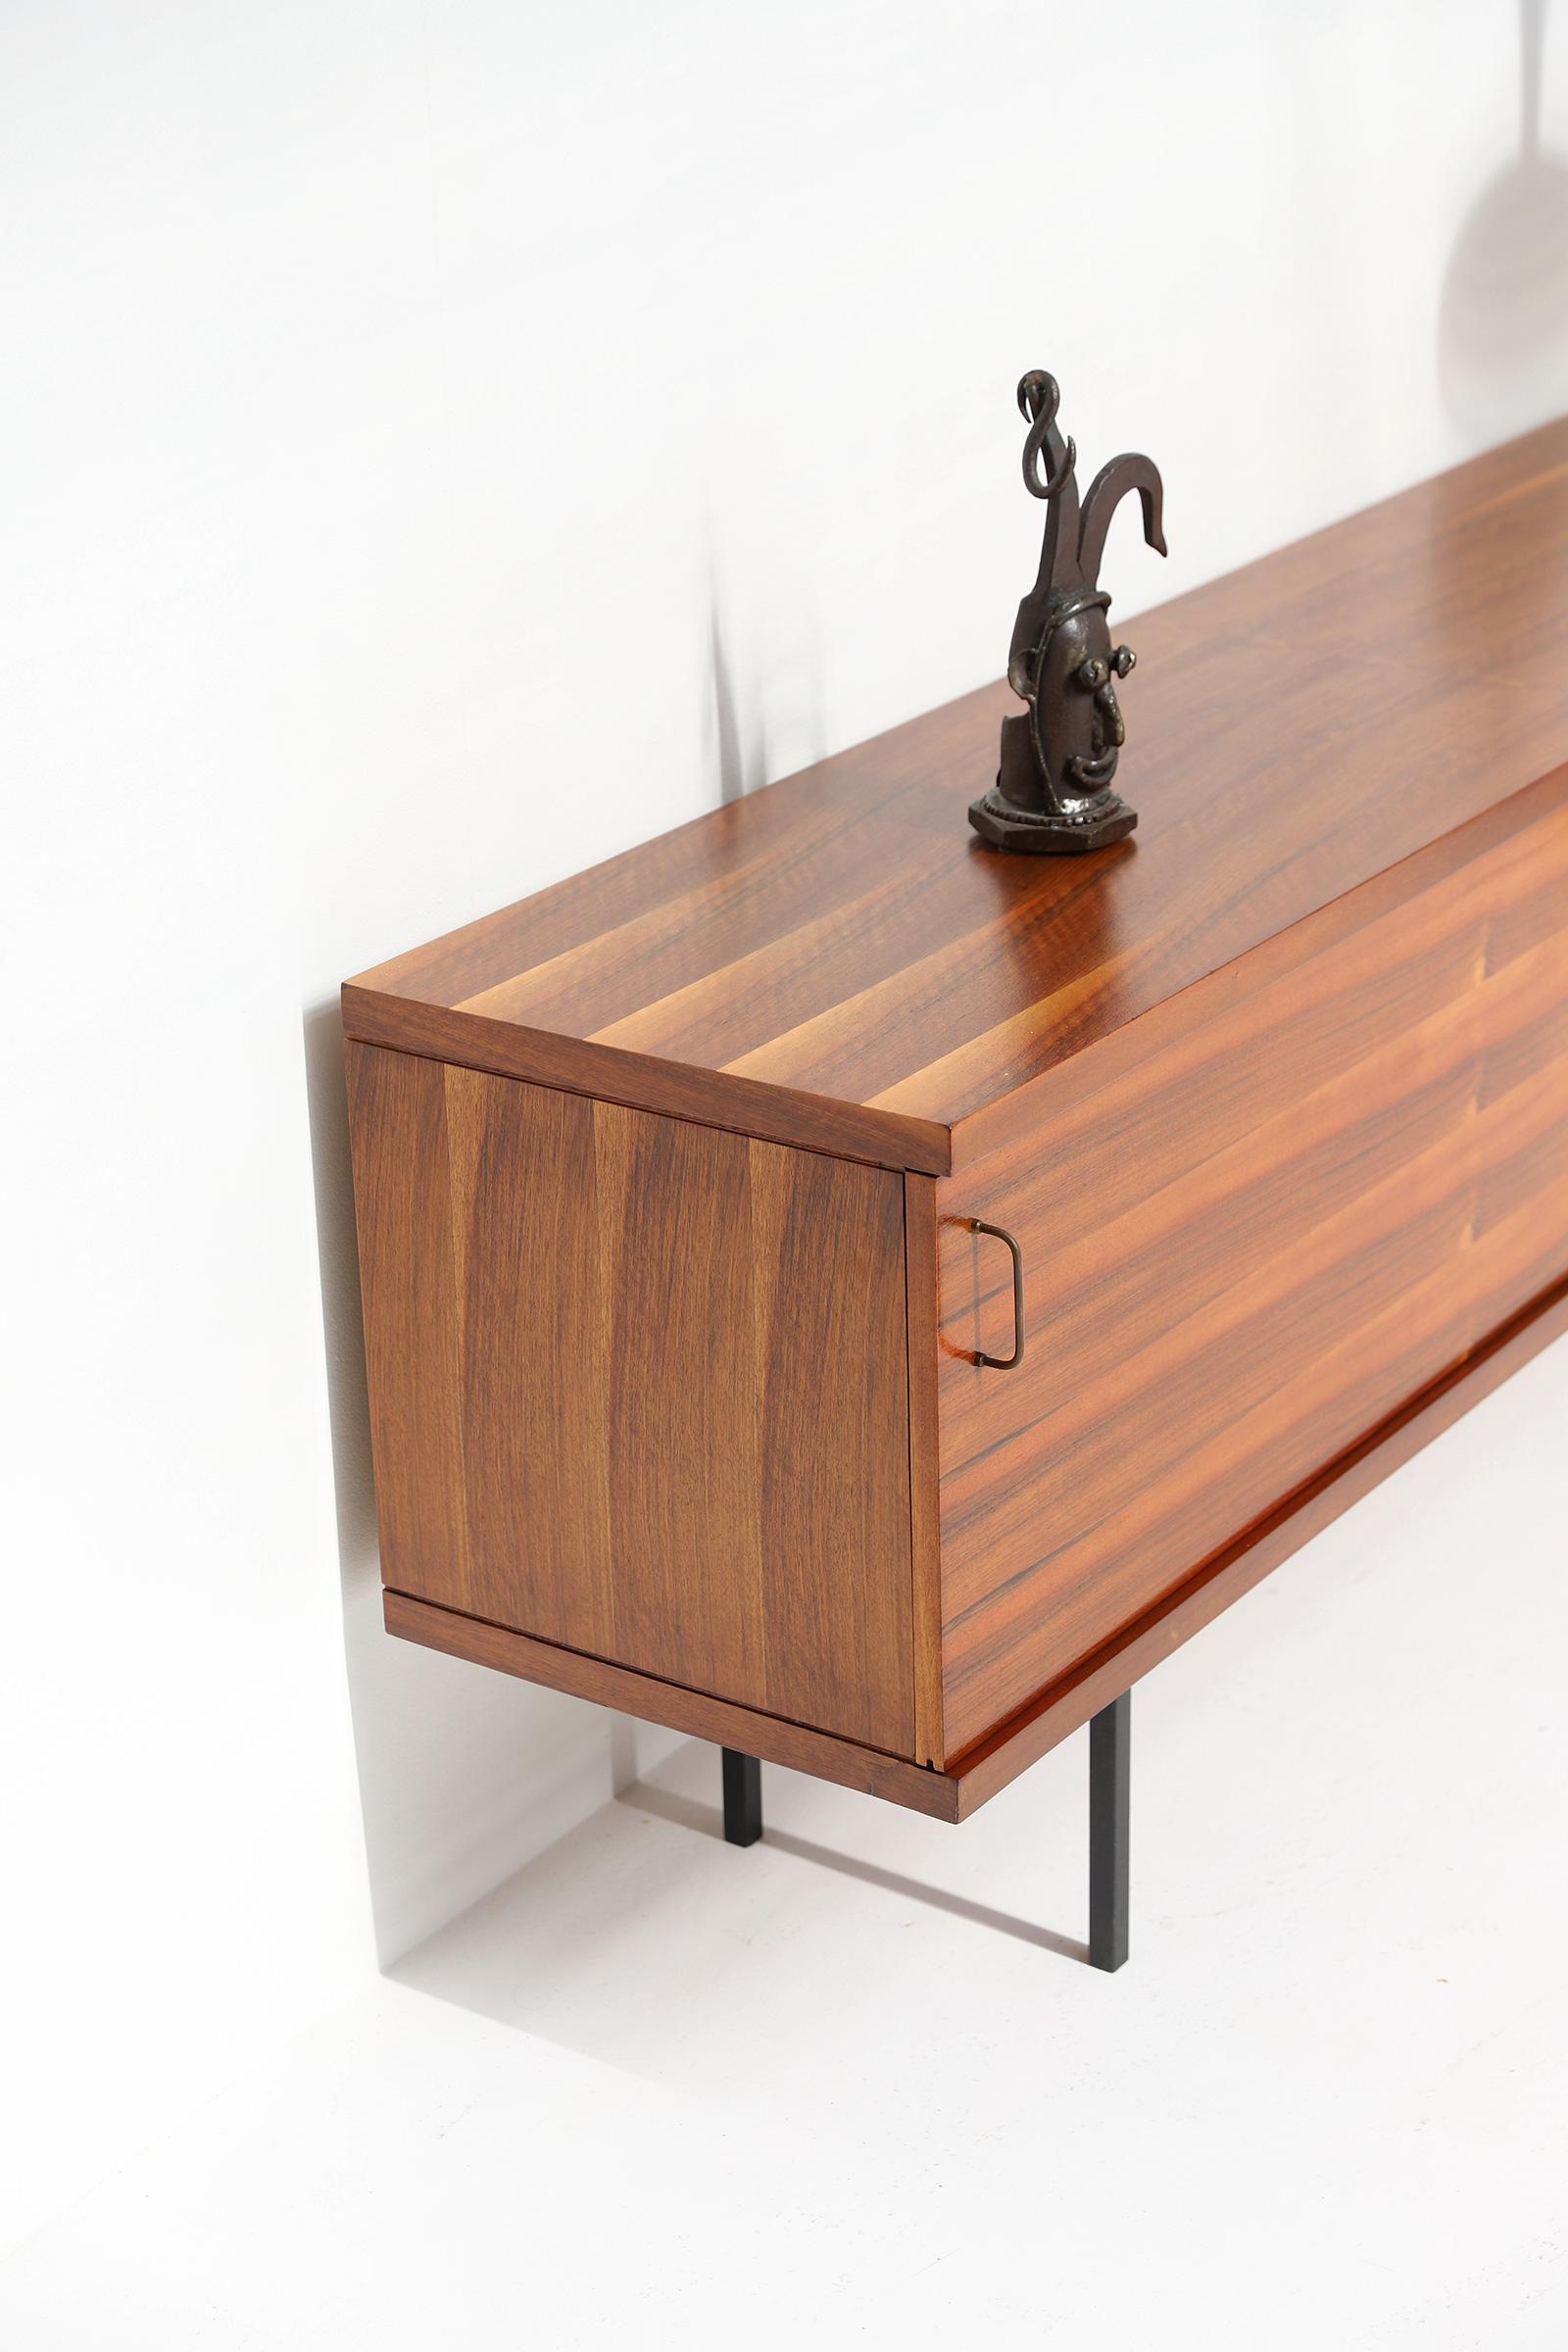 Luxus Sideboard by Jos De Mey 1950simage 10